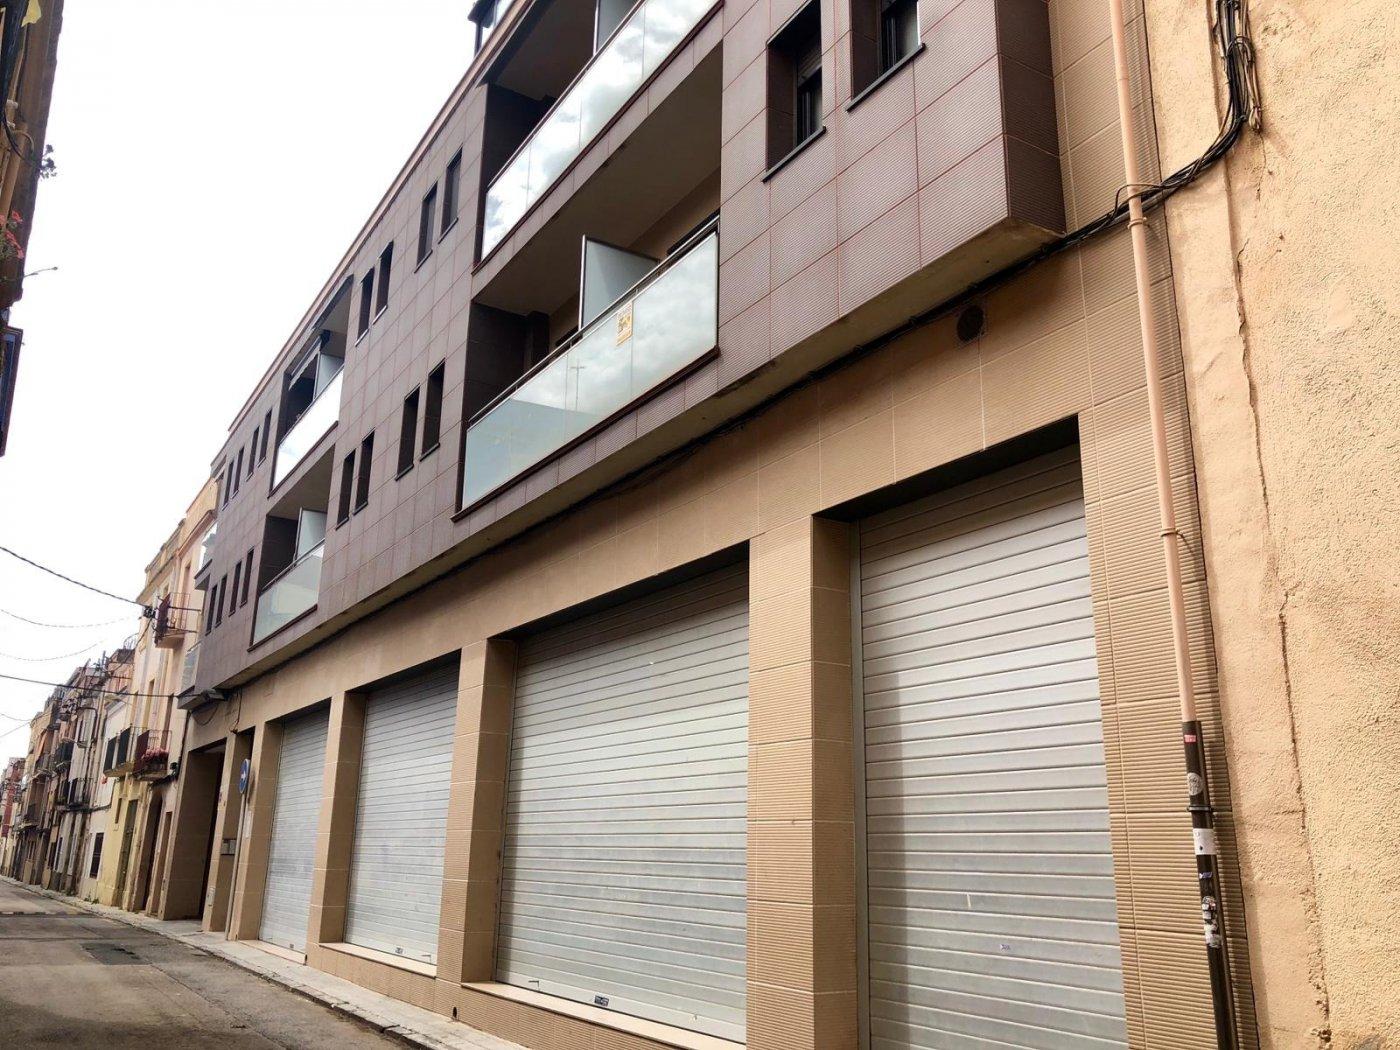 Appartement  El vendrell ,centro. Fantastico piso en el vendrell centro!!!!!!!!